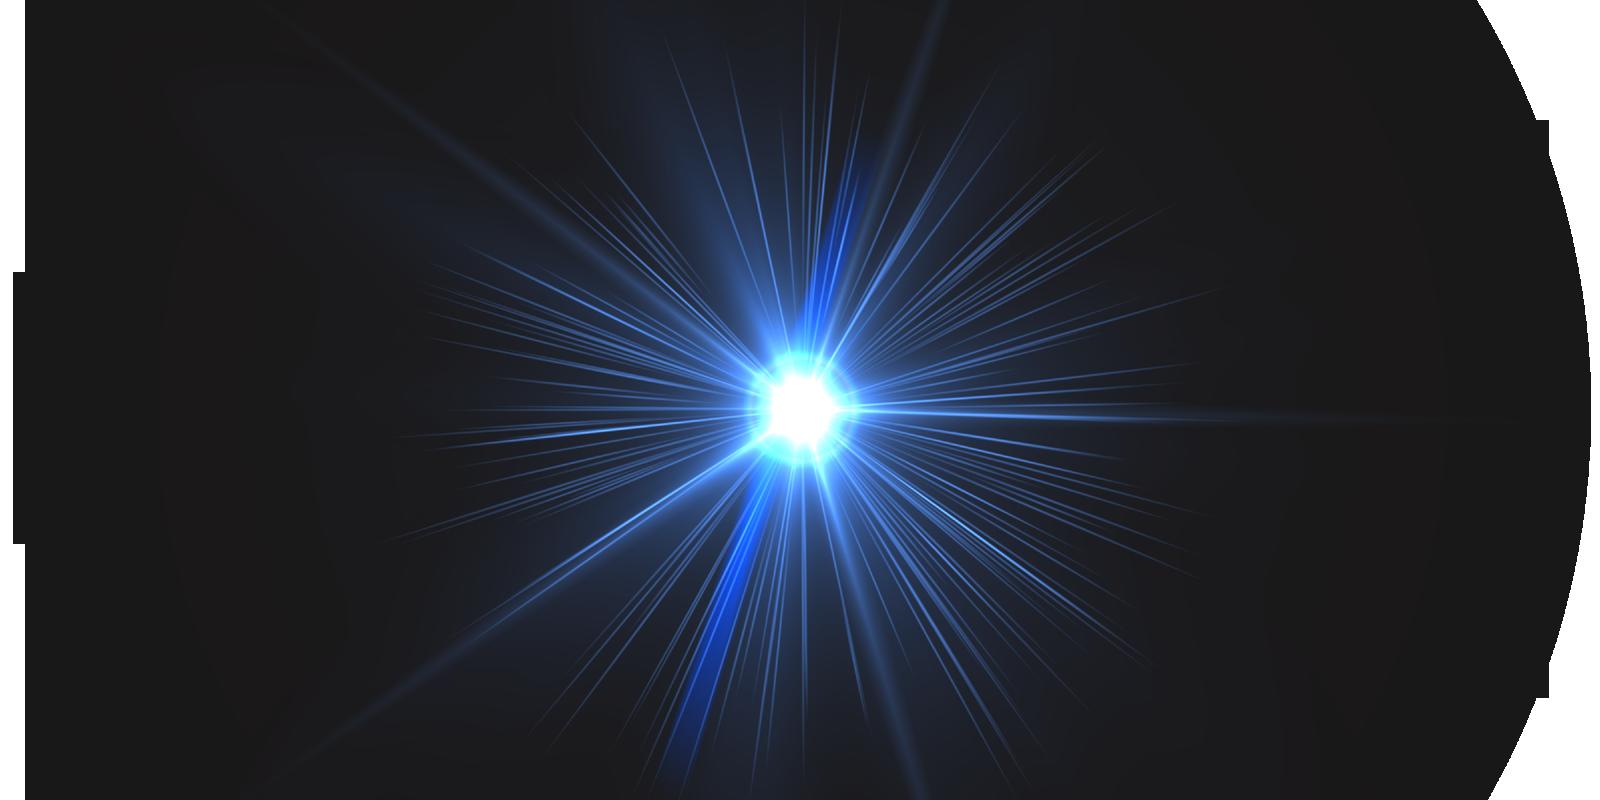 Light PNG Transparent Image PNG Mart Colorful